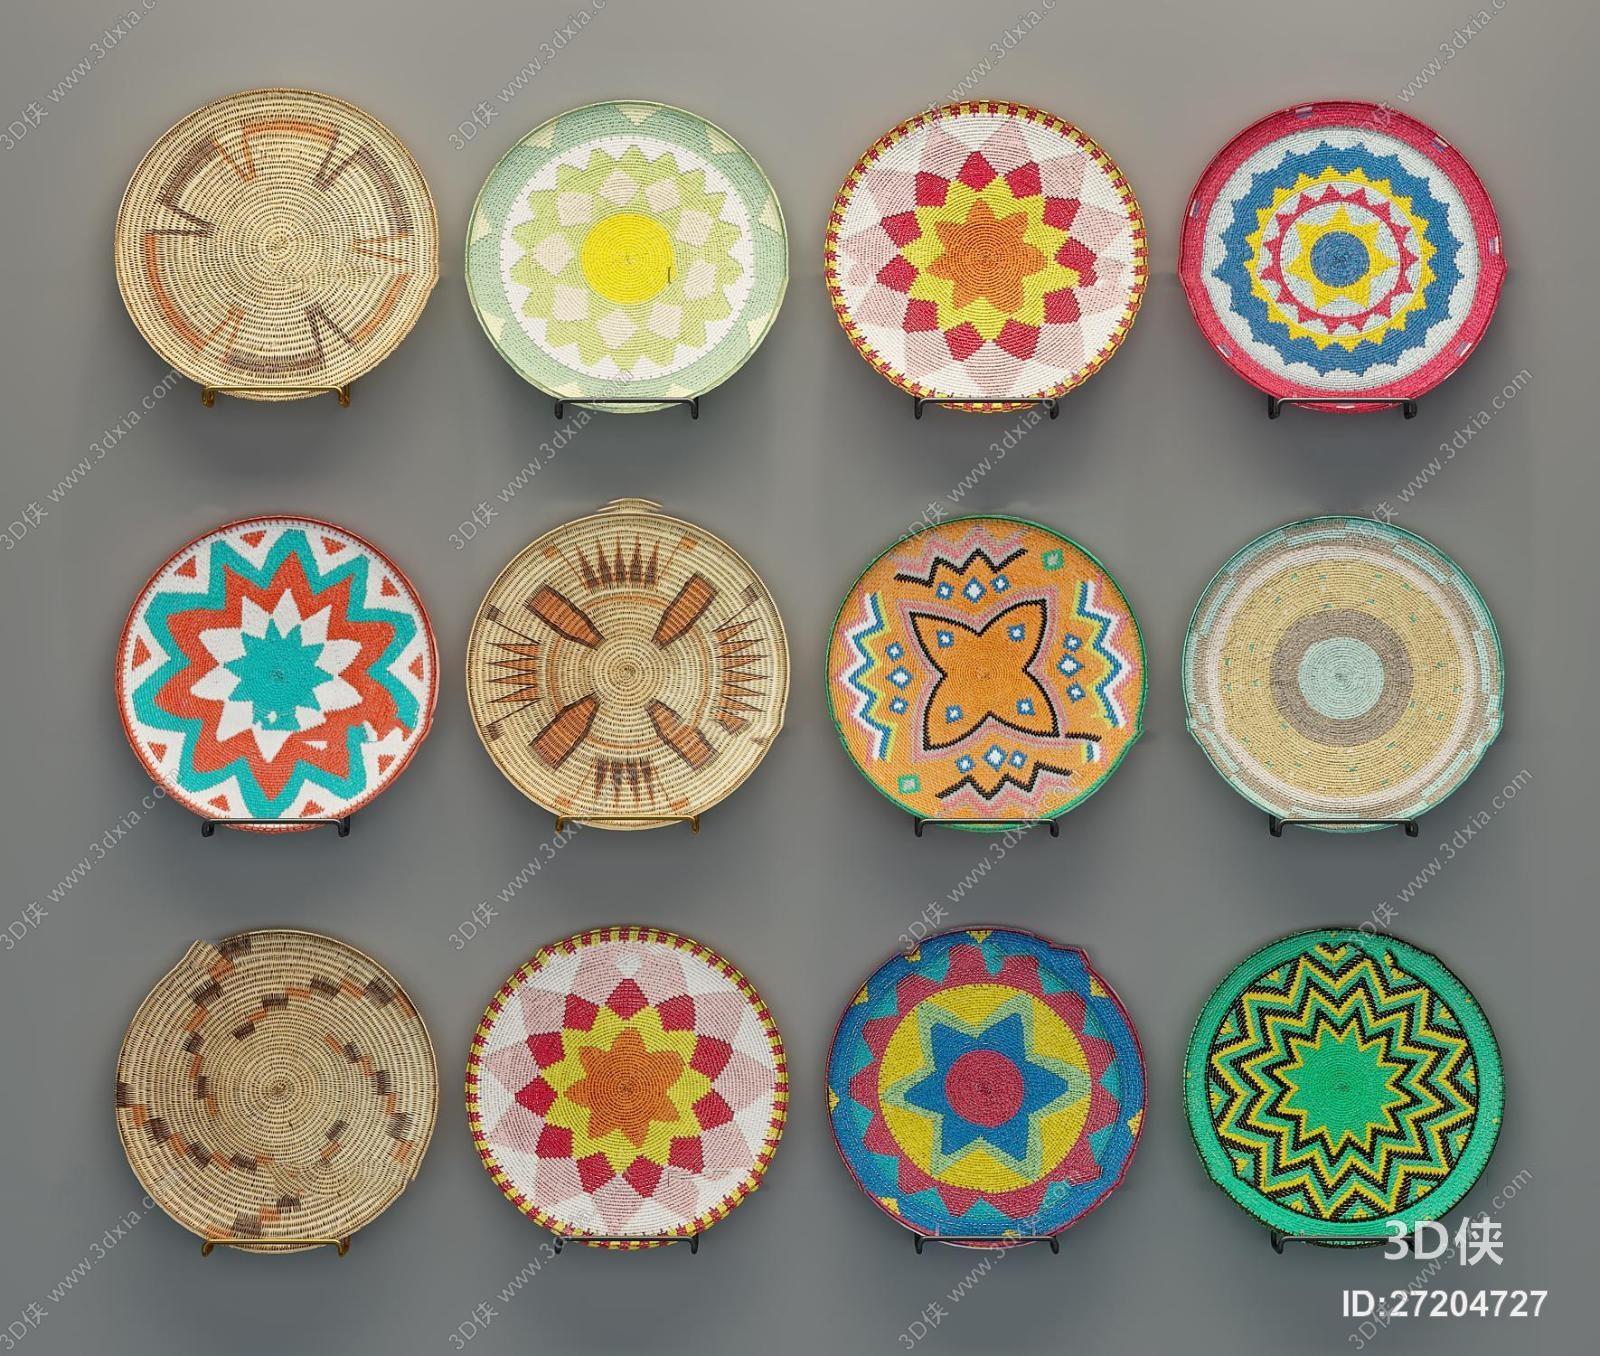 墙绘效果图素材免费下载,本作品主题是现代编织花纹圆盘挂件组合3d